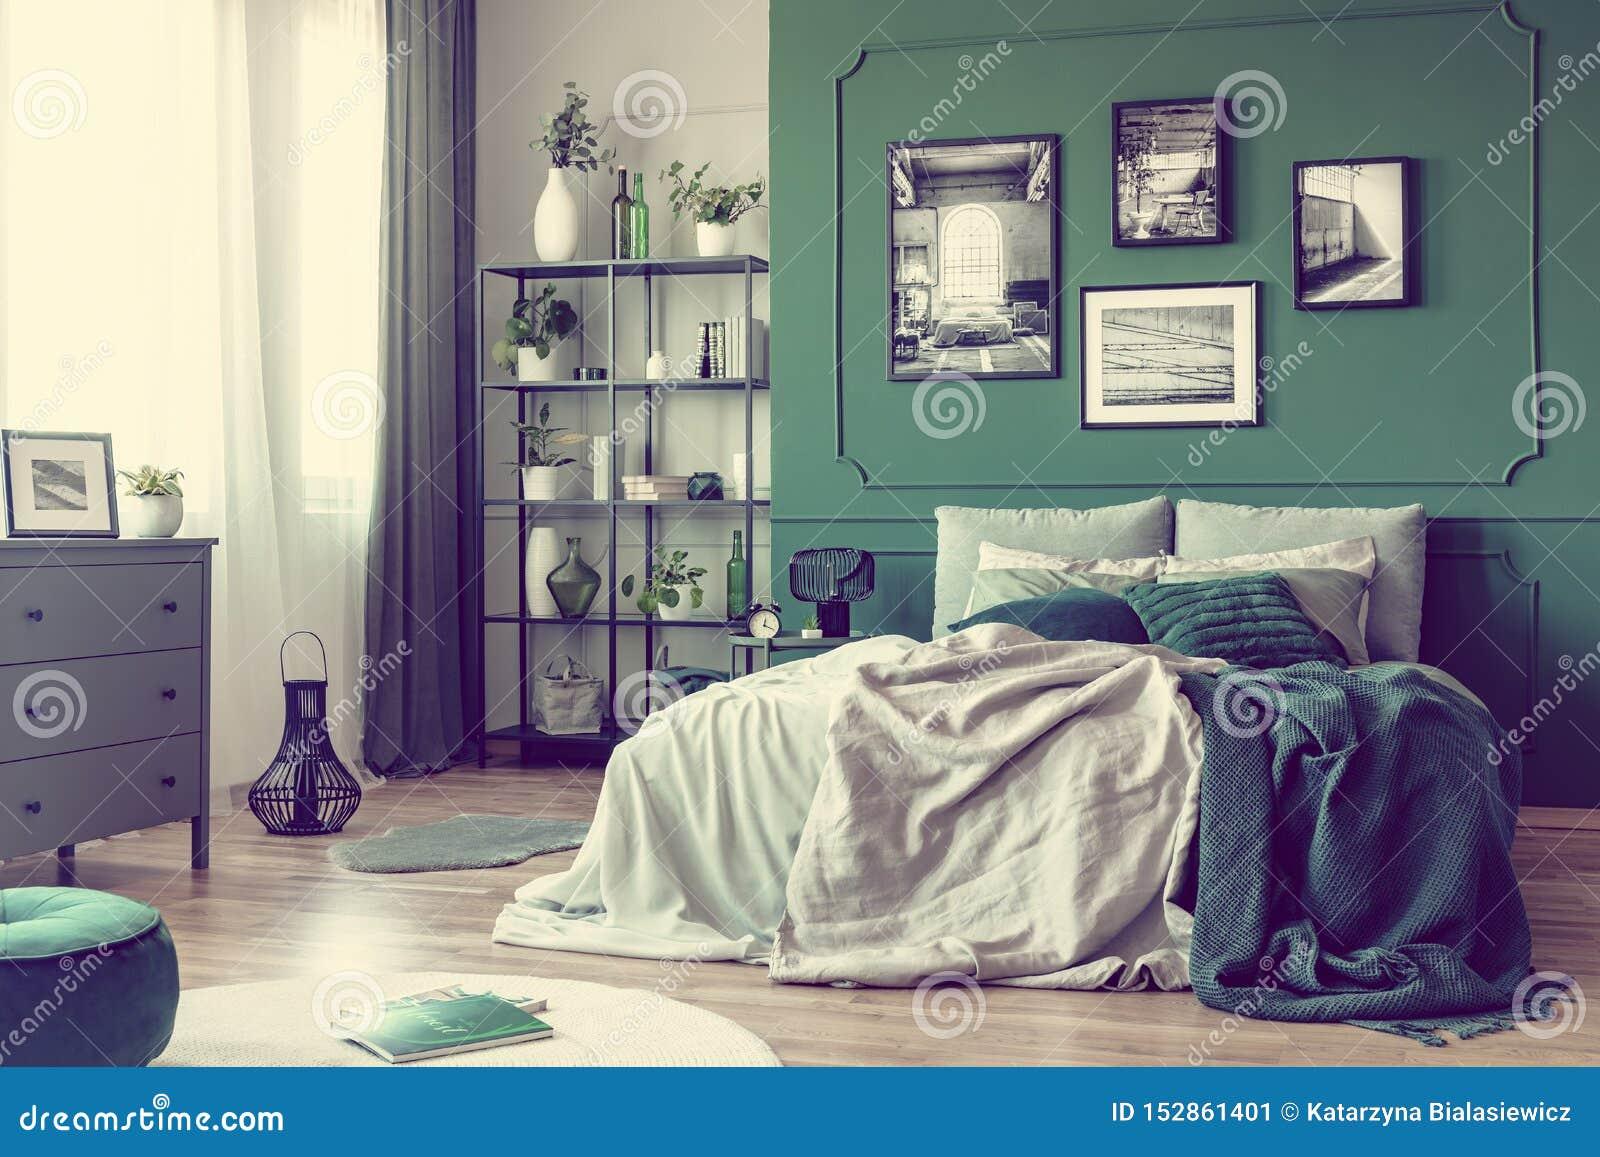 Gr?ne Wand mit Galerie des Plakats im modischen Schlafzimmer Innen mit Doppelbett